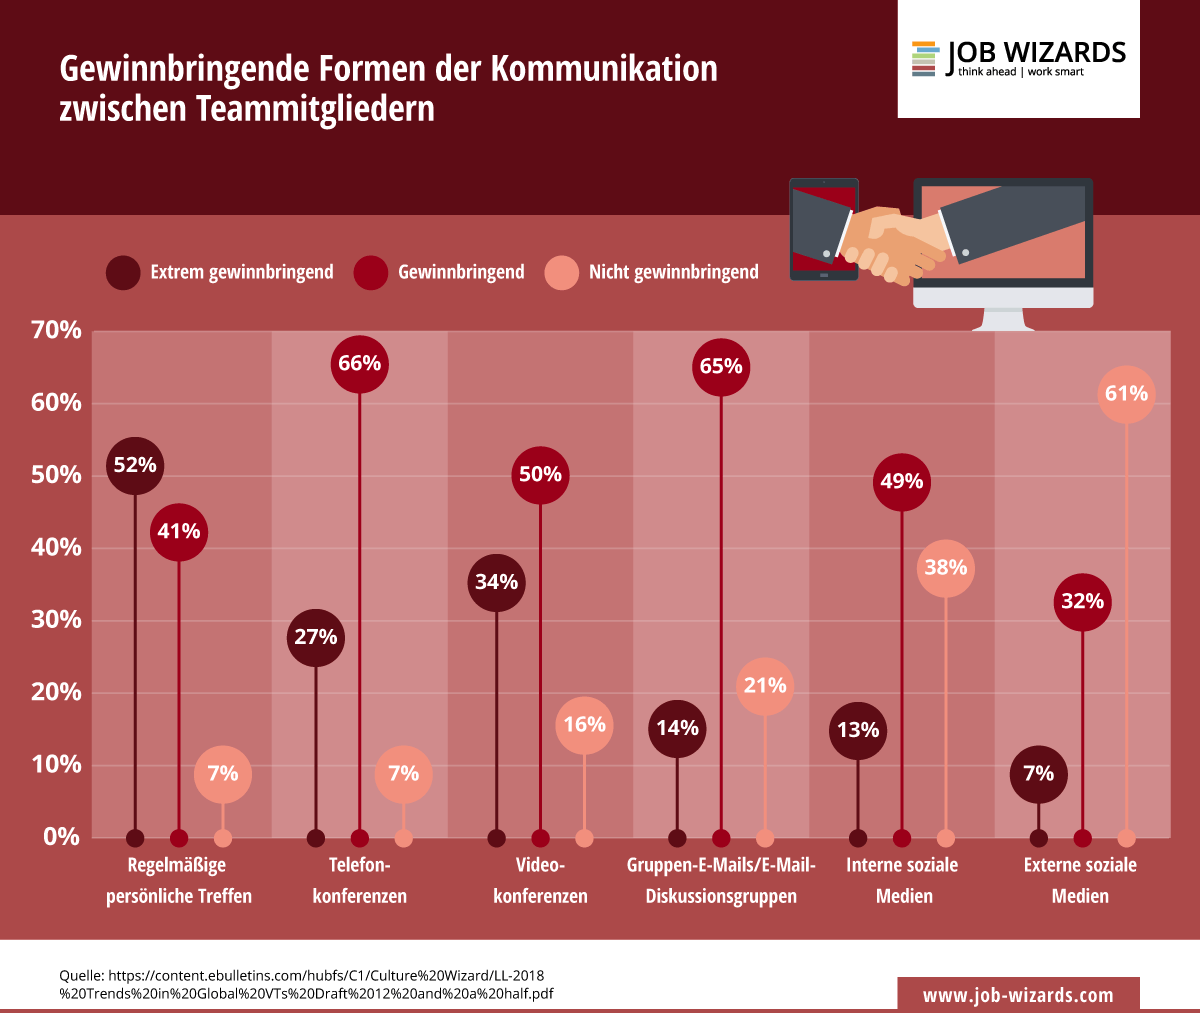 Infografik darüber wie gewinnbringend unterschiedliche Formen der Kommunikation sind